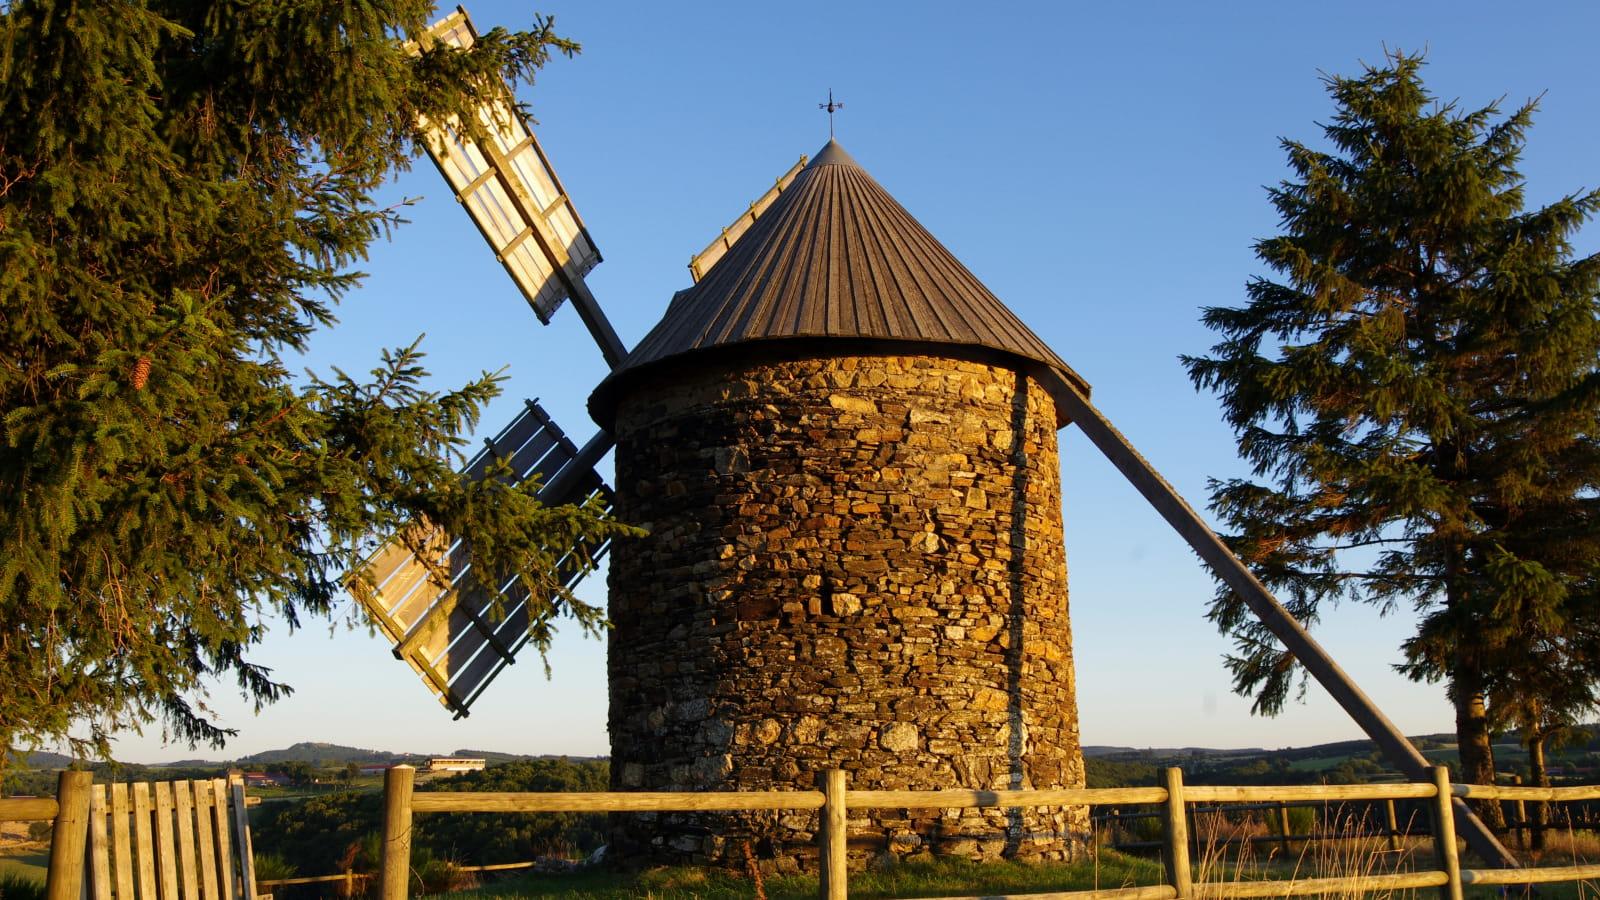 Moulin à tous vents